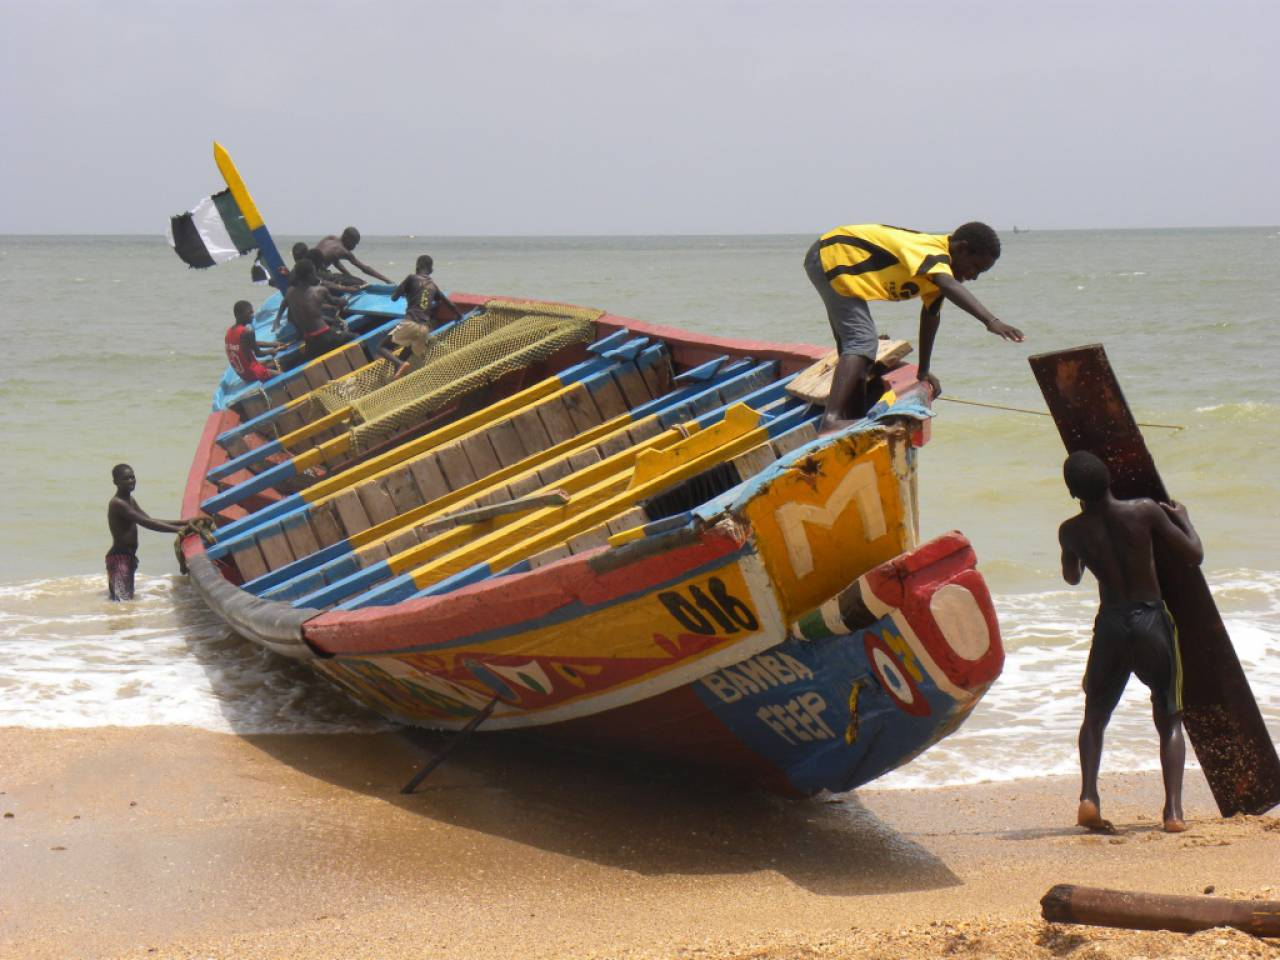 LA PRODUCTION DE FARINE DE POISSON : enjeux pour les communautés côtières ouest africaines